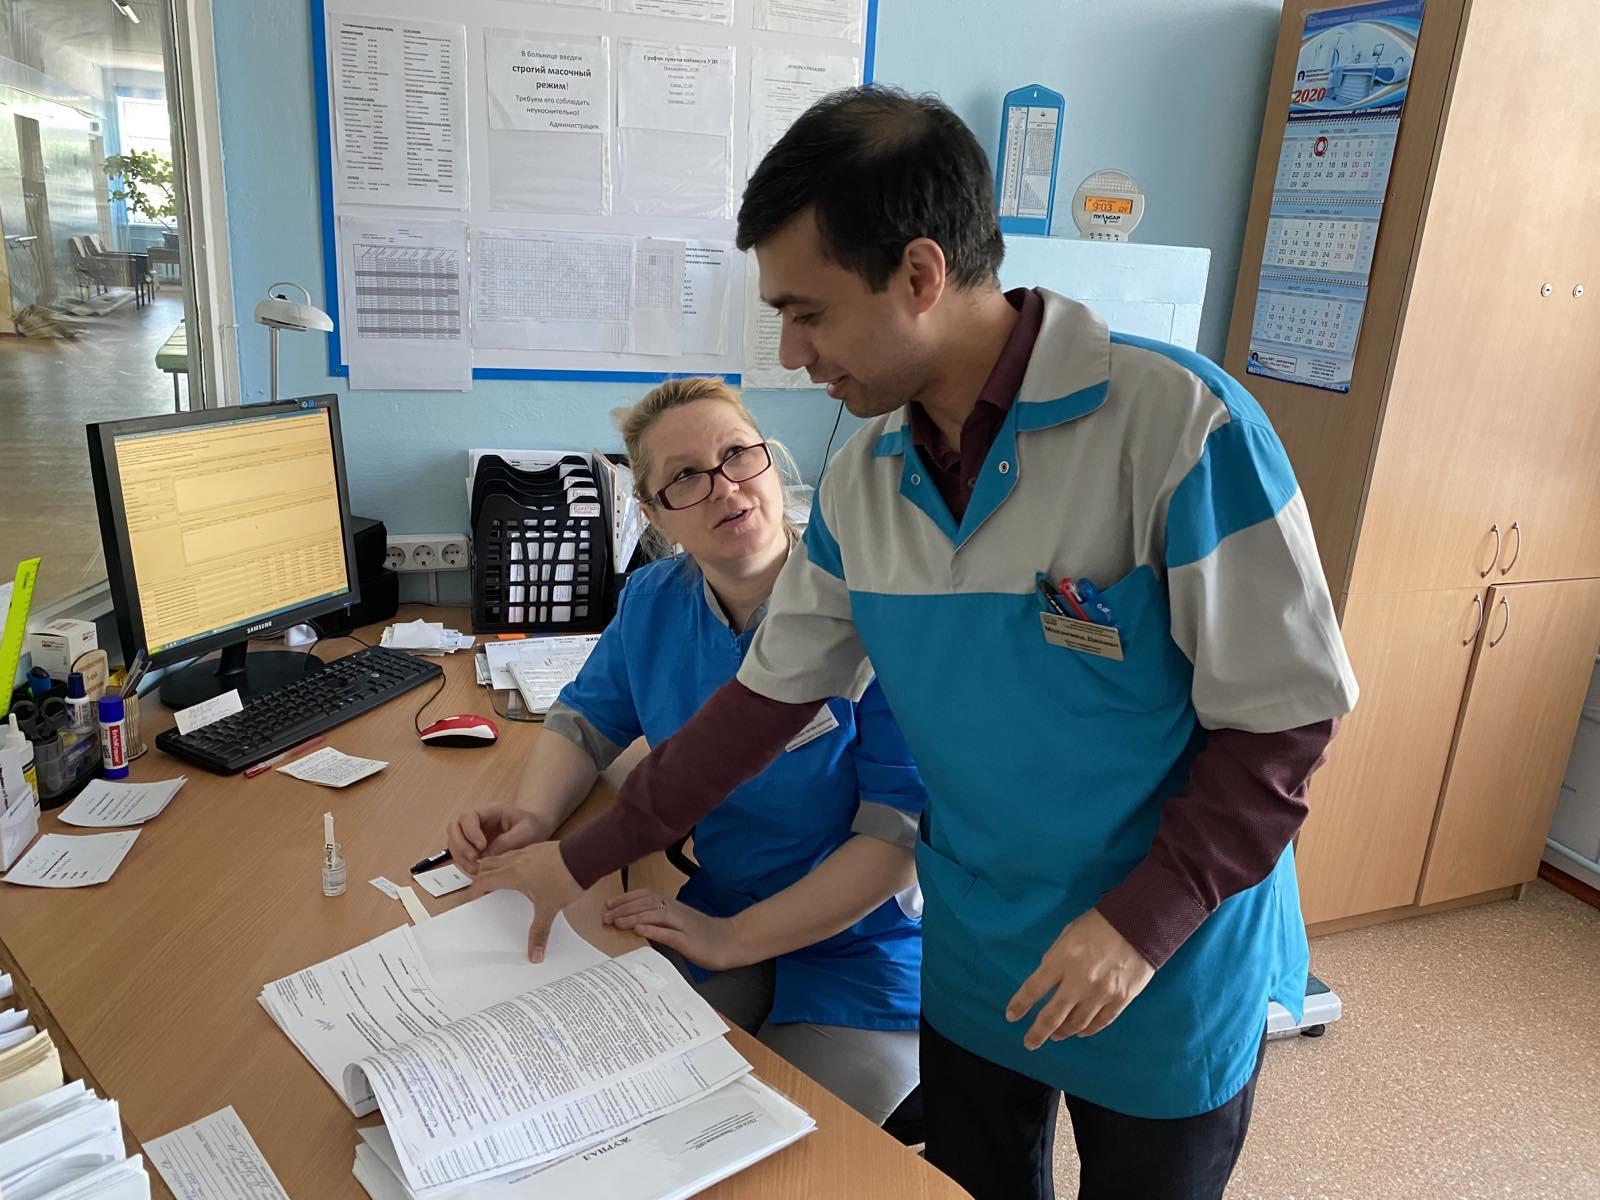 Во времена пандемии, говорит Джамал, ему важно помочь пациентам. О дополнительных выплатах за работу с больными COVID-19 он не думает<br>